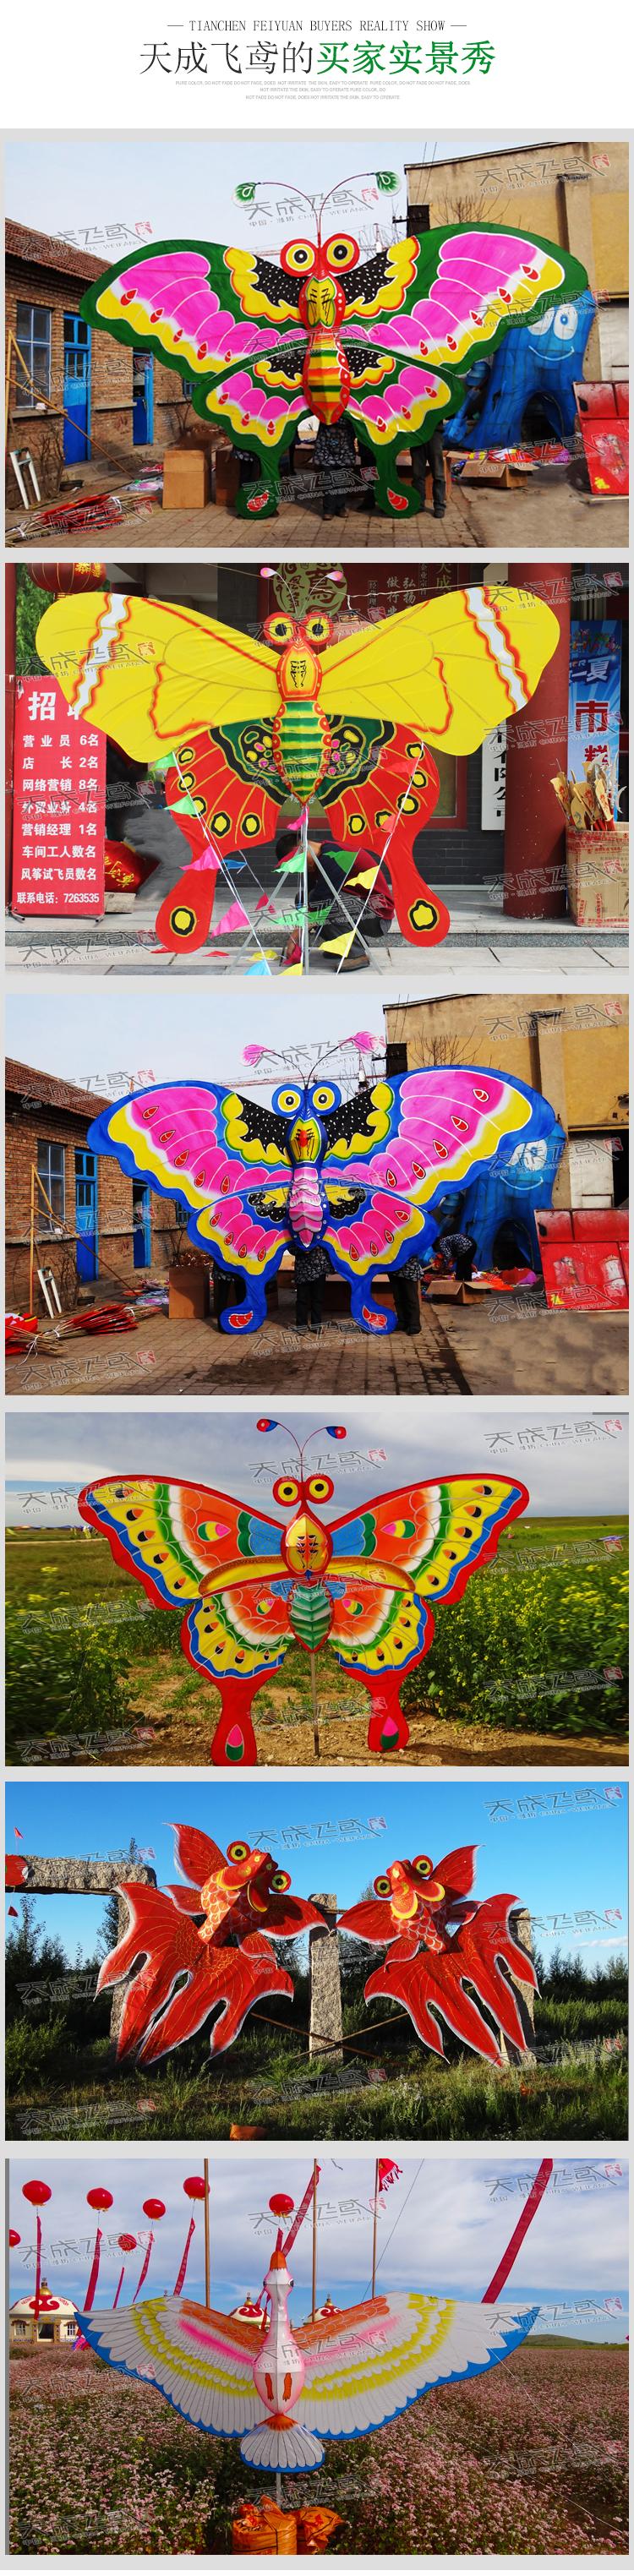 春季风筝会装饰风筝美陈景区大型铁艺展览风筝户外互动拍照风筝